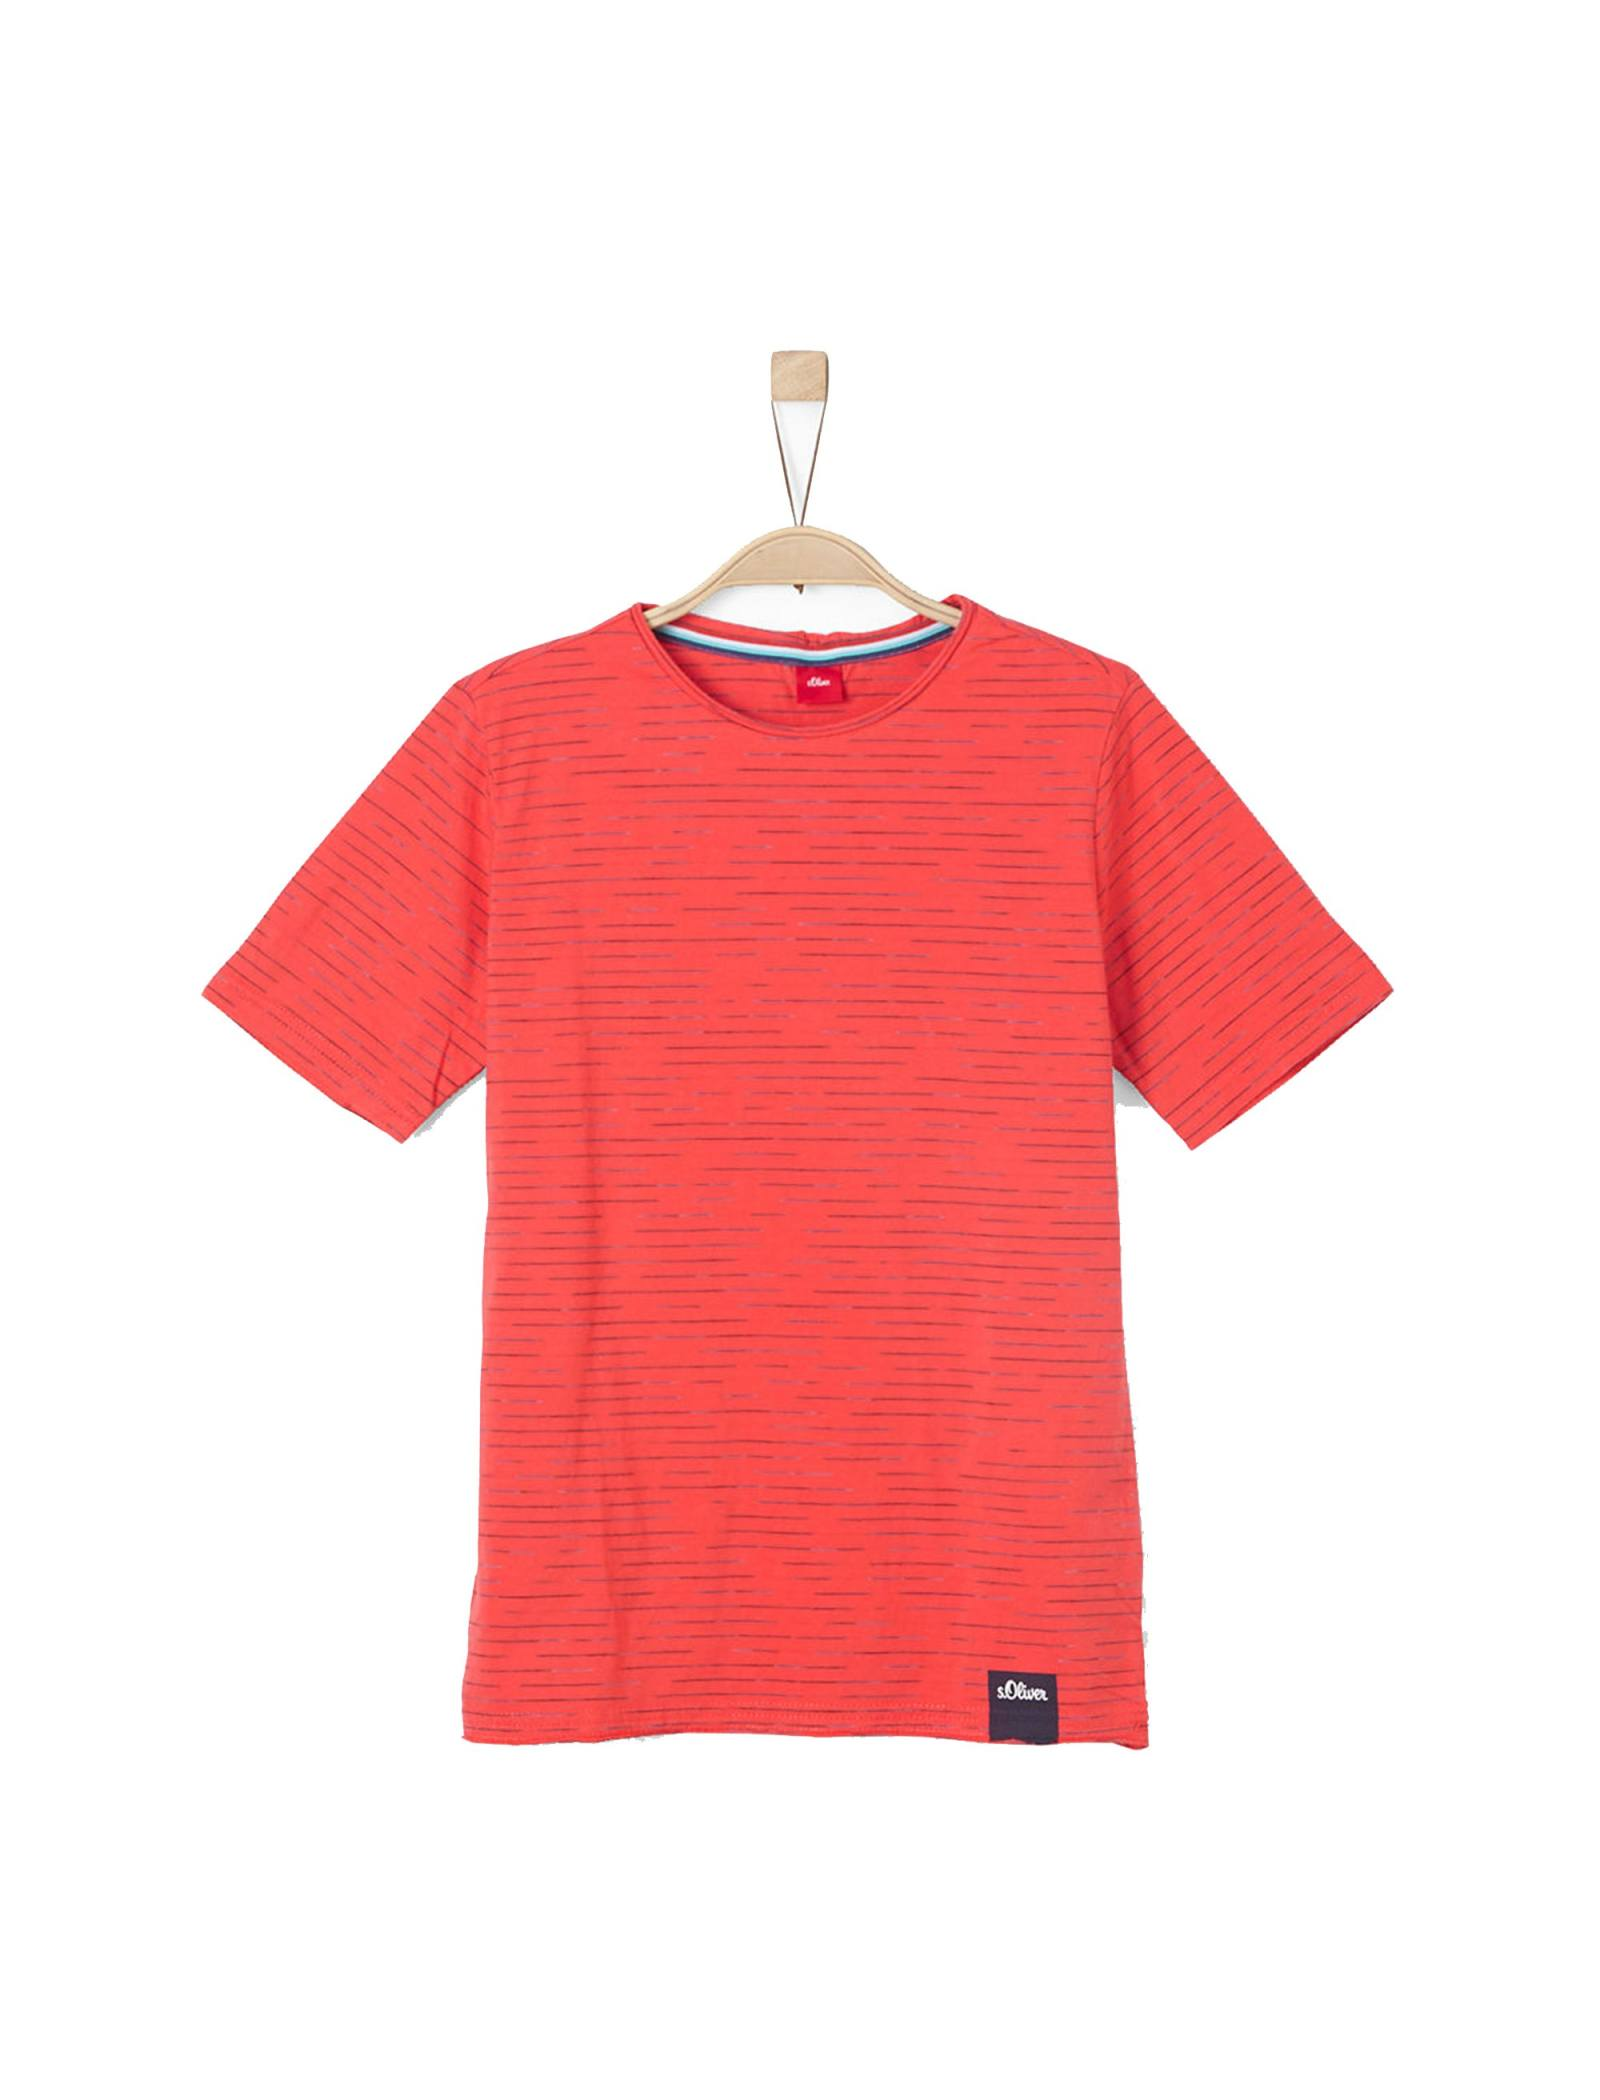 تی شرت نخی یقه گرد پسرانه - اس.اولیور - قرمز - 1